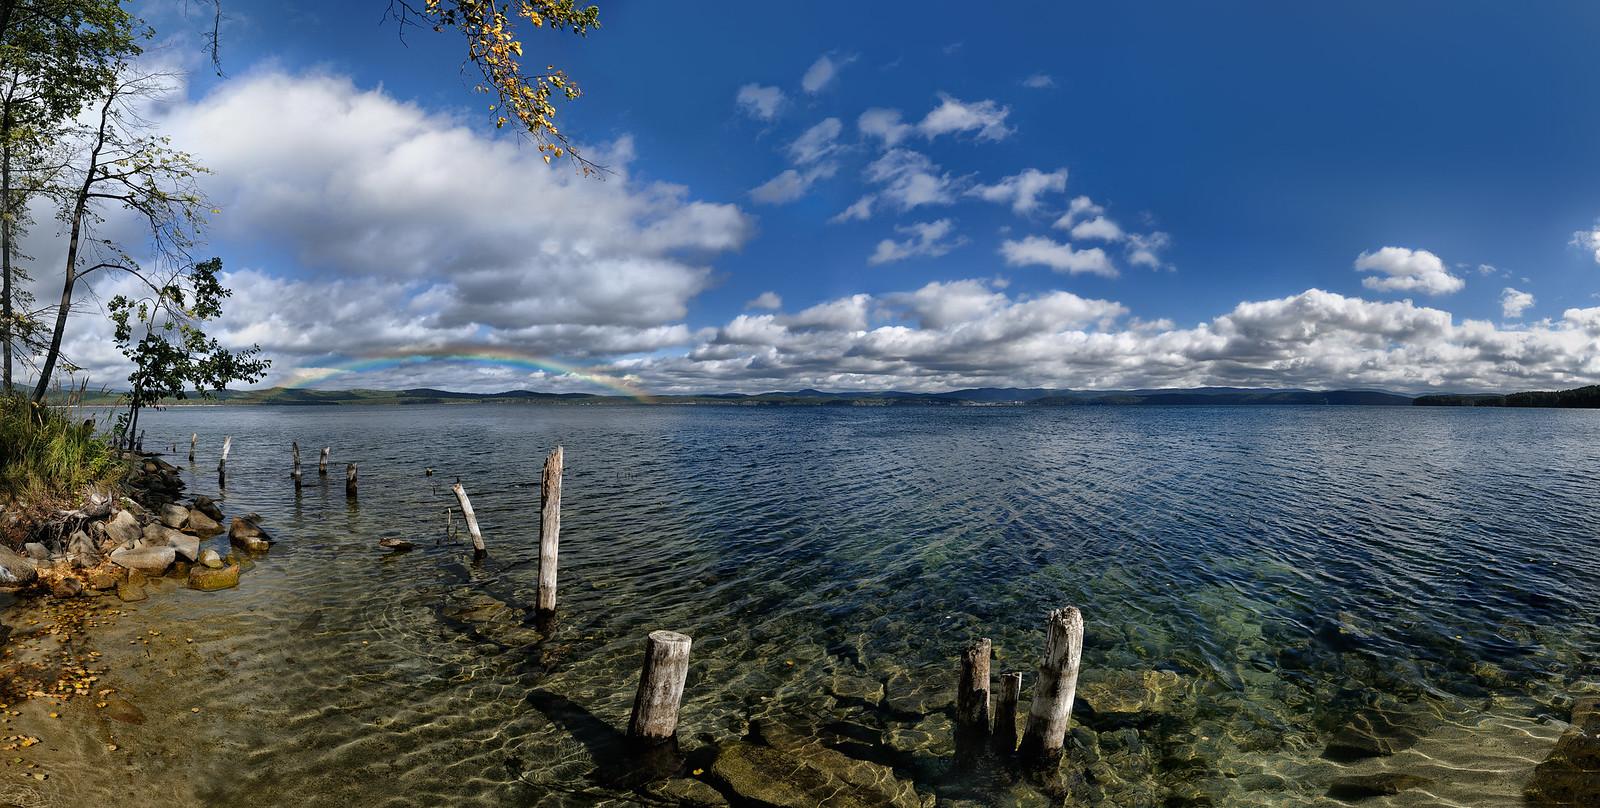 озеро Тургояк, осень, радуга - пейзажный фотограф Челябинск